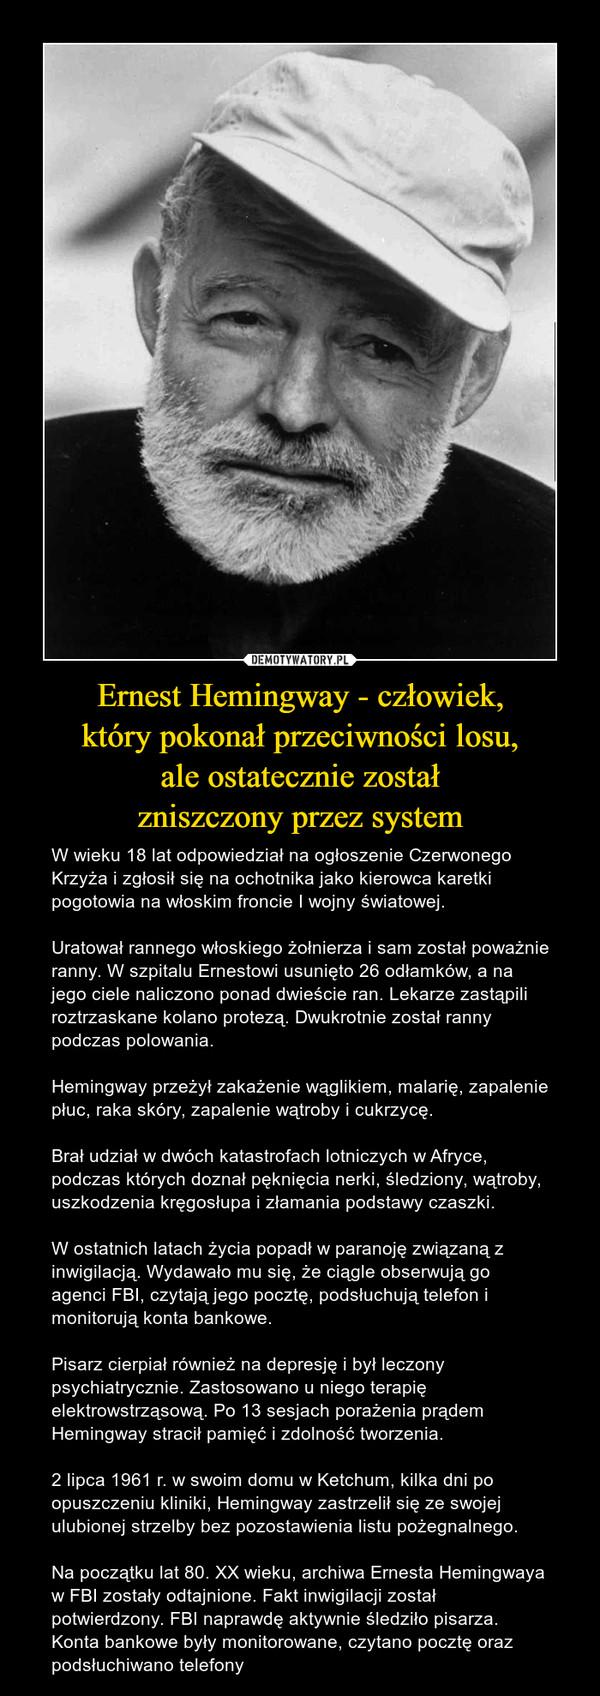 Ernest Hemingway - człowiek,który pokonał przeciwności losu,ale ostatecznie zostałzniszczony przez system – W wieku 18 lat odpowiedział na ogłoszenie Czerwonego Krzyża i zgłosił się na ochotnika jako kierowca karetki pogotowia na włoskim froncie I wojny światowej.Uratował rannego włoskiego żołnierza i sam został poważnie ranny. W szpitalu Ernestowi usunięto 26 odłamków, a na jego ciele naliczono ponad dwieście ran. Lekarze zastąpili roztrzaskane kolano protezą. Dwukrotnie został ranny podczas polowania.Hemingway przeżył zakażenie wąglikiem, malarię, zapalenie płuc, raka skóry, zapalenie wątroby i cukrzycę.Brał udział w dwóch katastrofach lotniczych w Afryce, podczas których doznał pęknięcia nerki, śledziony, wątroby, uszkodzenia kręgosłupa i złamania podstawy czaszki.W ostatnich latach życia popadł w paranoję związaną z inwigilacją. Wydawało mu się, że ciągle obserwują go agenci FBI, czytają jego pocztę, podsłuchują telefon i monitorują konta bankowe.Pisarz cierpiał również na depresję i był leczony psychiatrycznie. Zastosowano u niego terapię elektrowstrząsową. Po 13 sesjach porażenia prądem Hemingway stracił pamięć i zdolność tworzenia.2 lipca 1961 r. w swoim domu w Ketchum, kilka dni po opuszczeniu kliniki, Hemingway zastrzelił się ze swojej ulubionej strzelby bez pozostawienia listu pożegnalnego.Na początku lat 80. XX wieku, archiwa Ernesta Hemingwaya w FBI zostały odtajnione. Fakt inwigilacji został potwierdzony. FBI naprawdę aktywnie śledziło pisarza. Konta bankowe były monitorowane, czytano pocztę oraz podsłuchiwano telefony